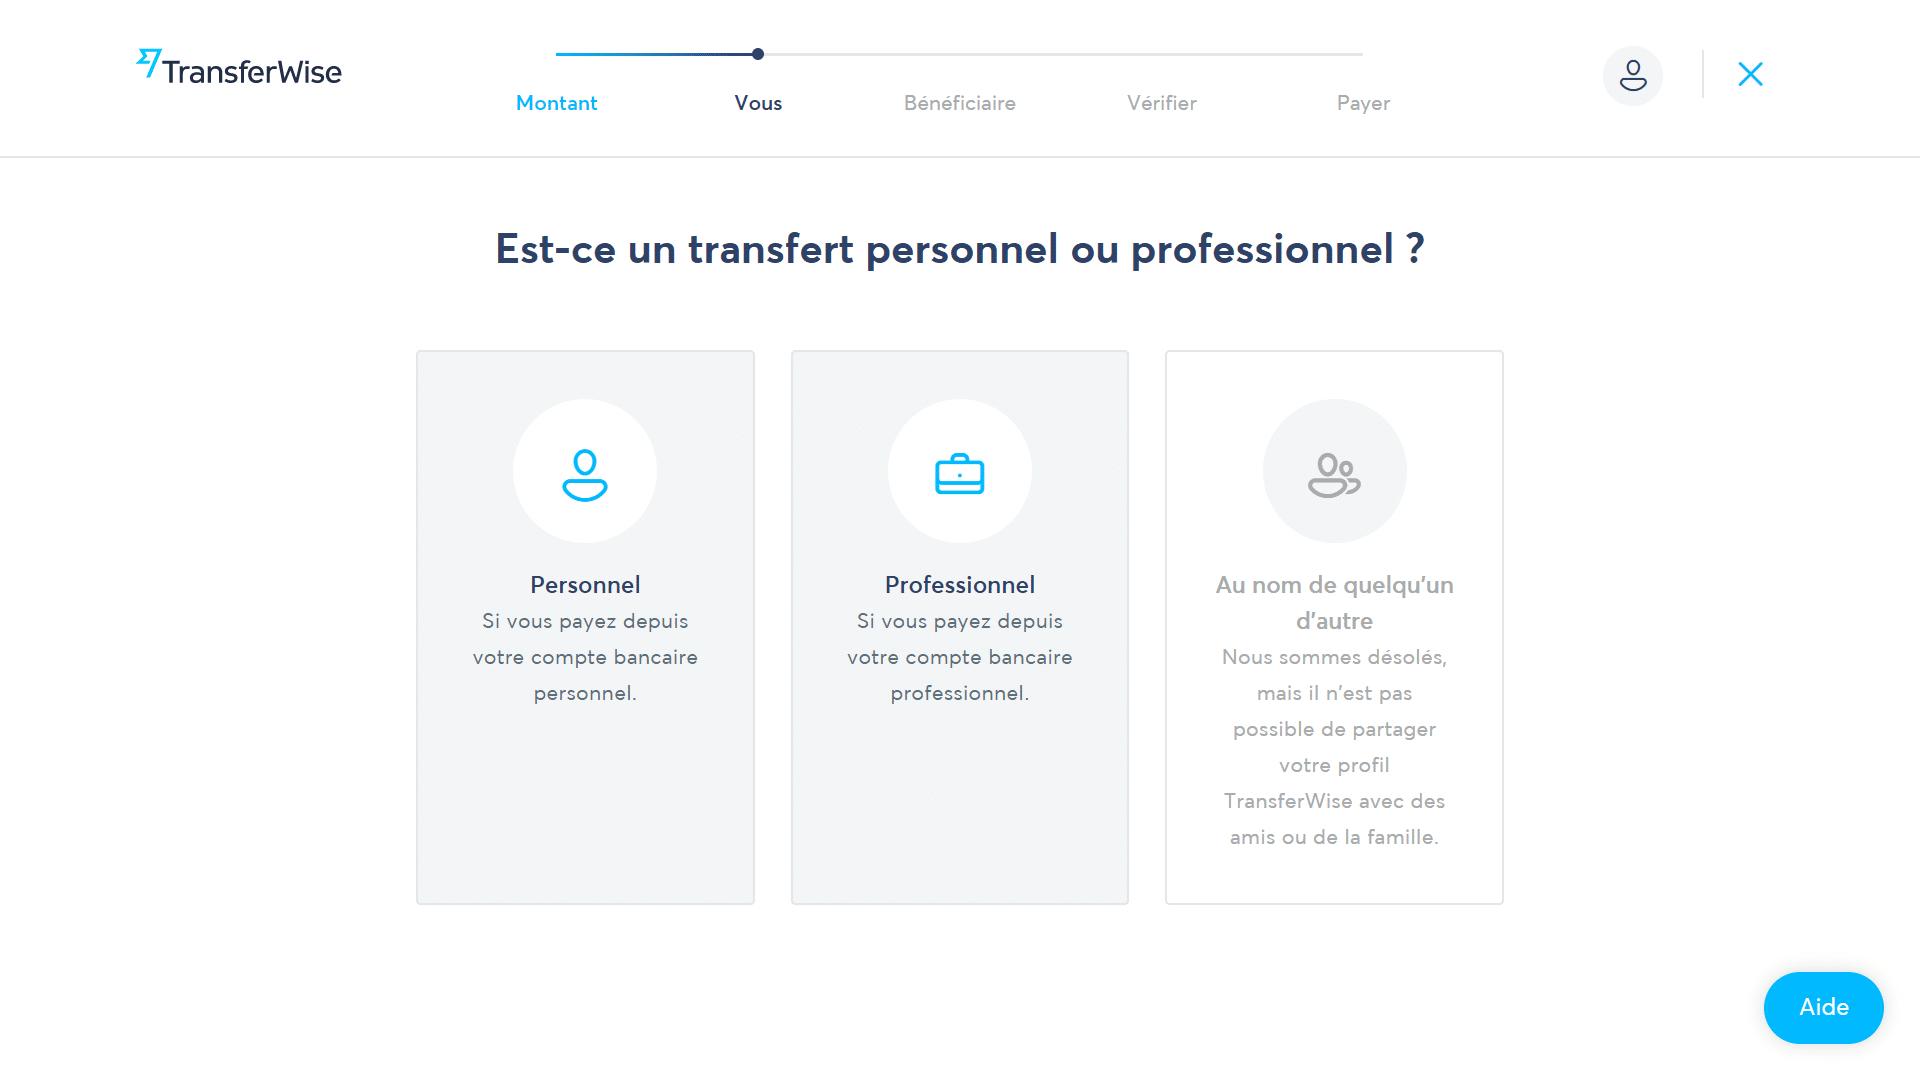 TransferWise - Sélectionner le type de transfert comment fonctionne transferwise